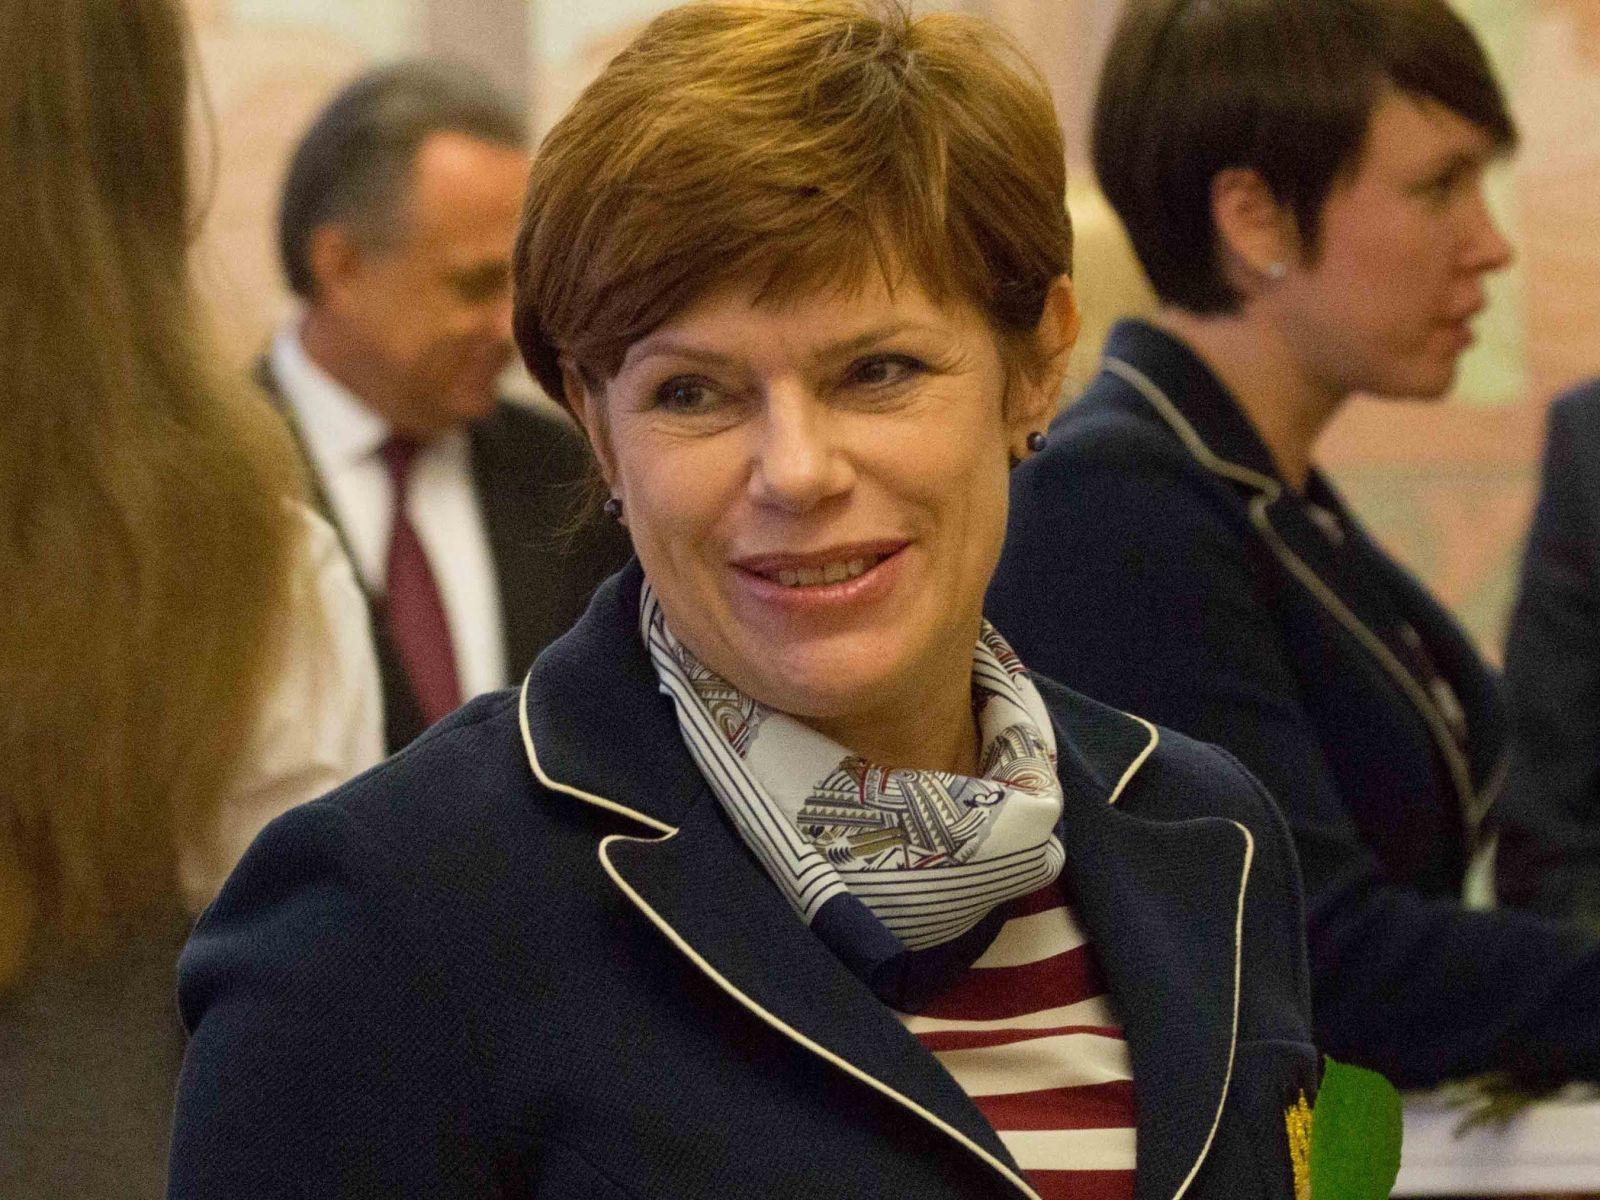 Елена Белкина: Секрет успеха на чемпионате мира - любовь к фехтованию и сплоченность команды